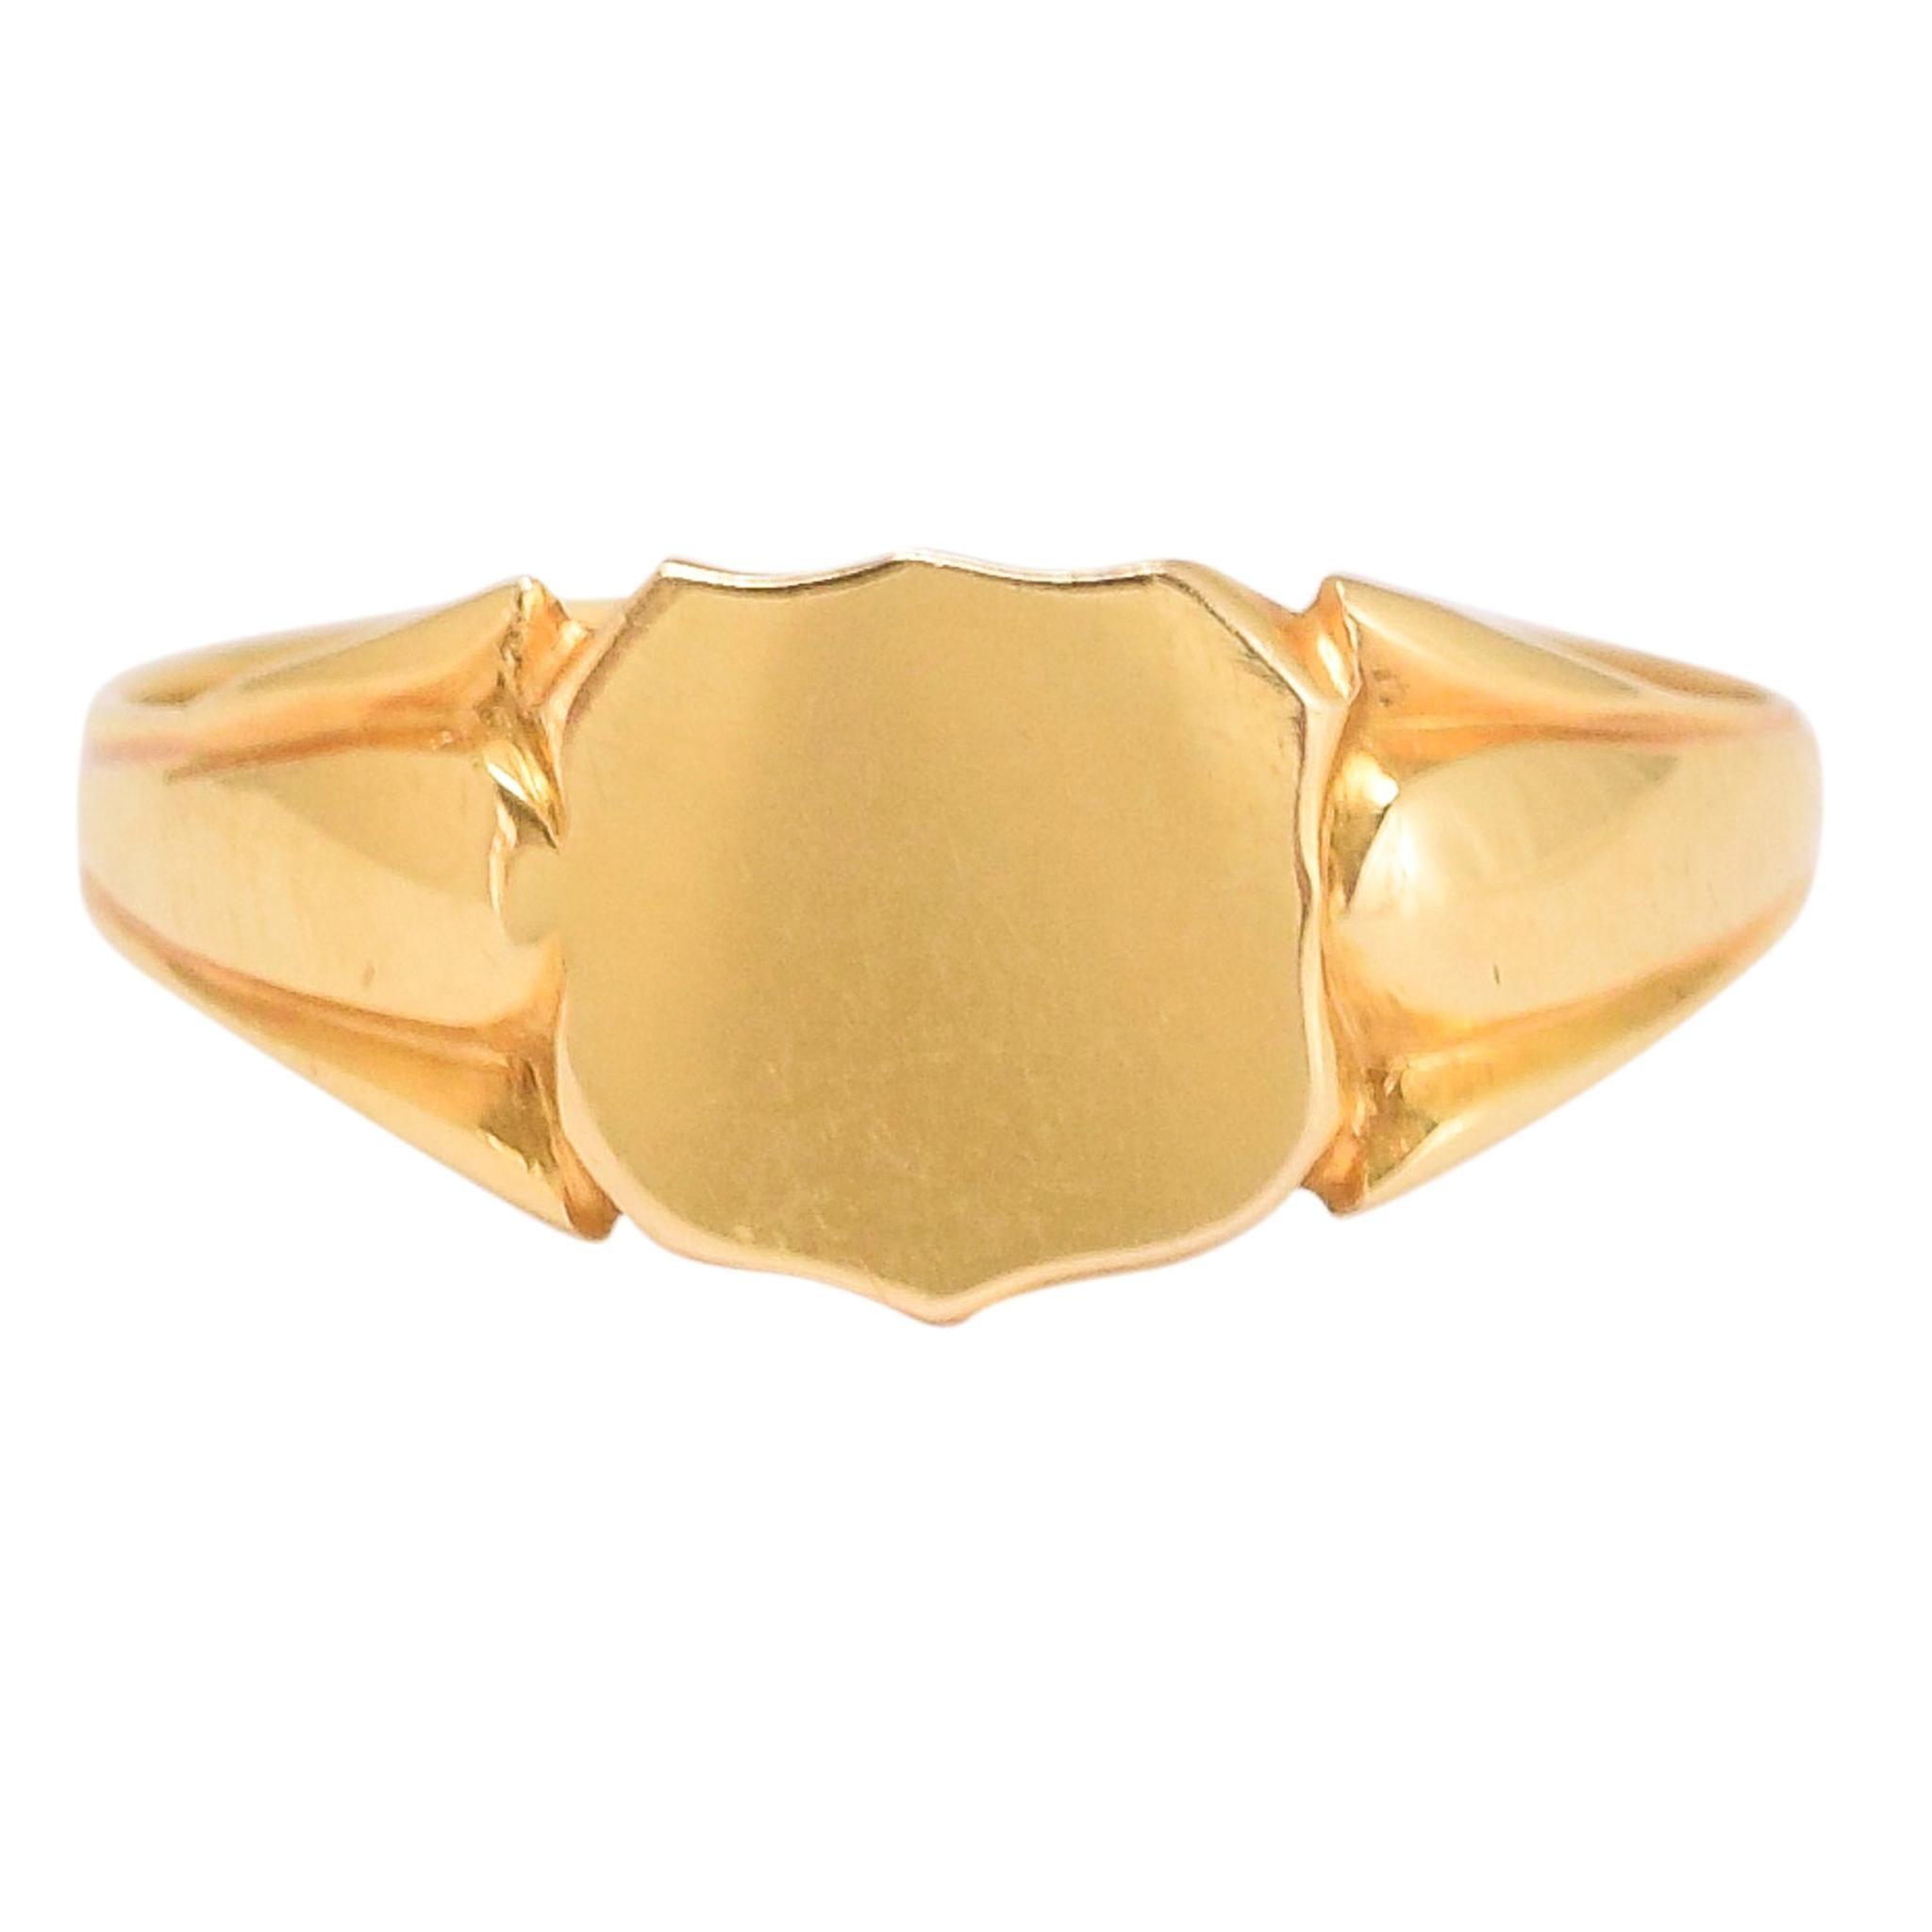 Antique Edwardian 18 Karat Gold Shield Signet Ring